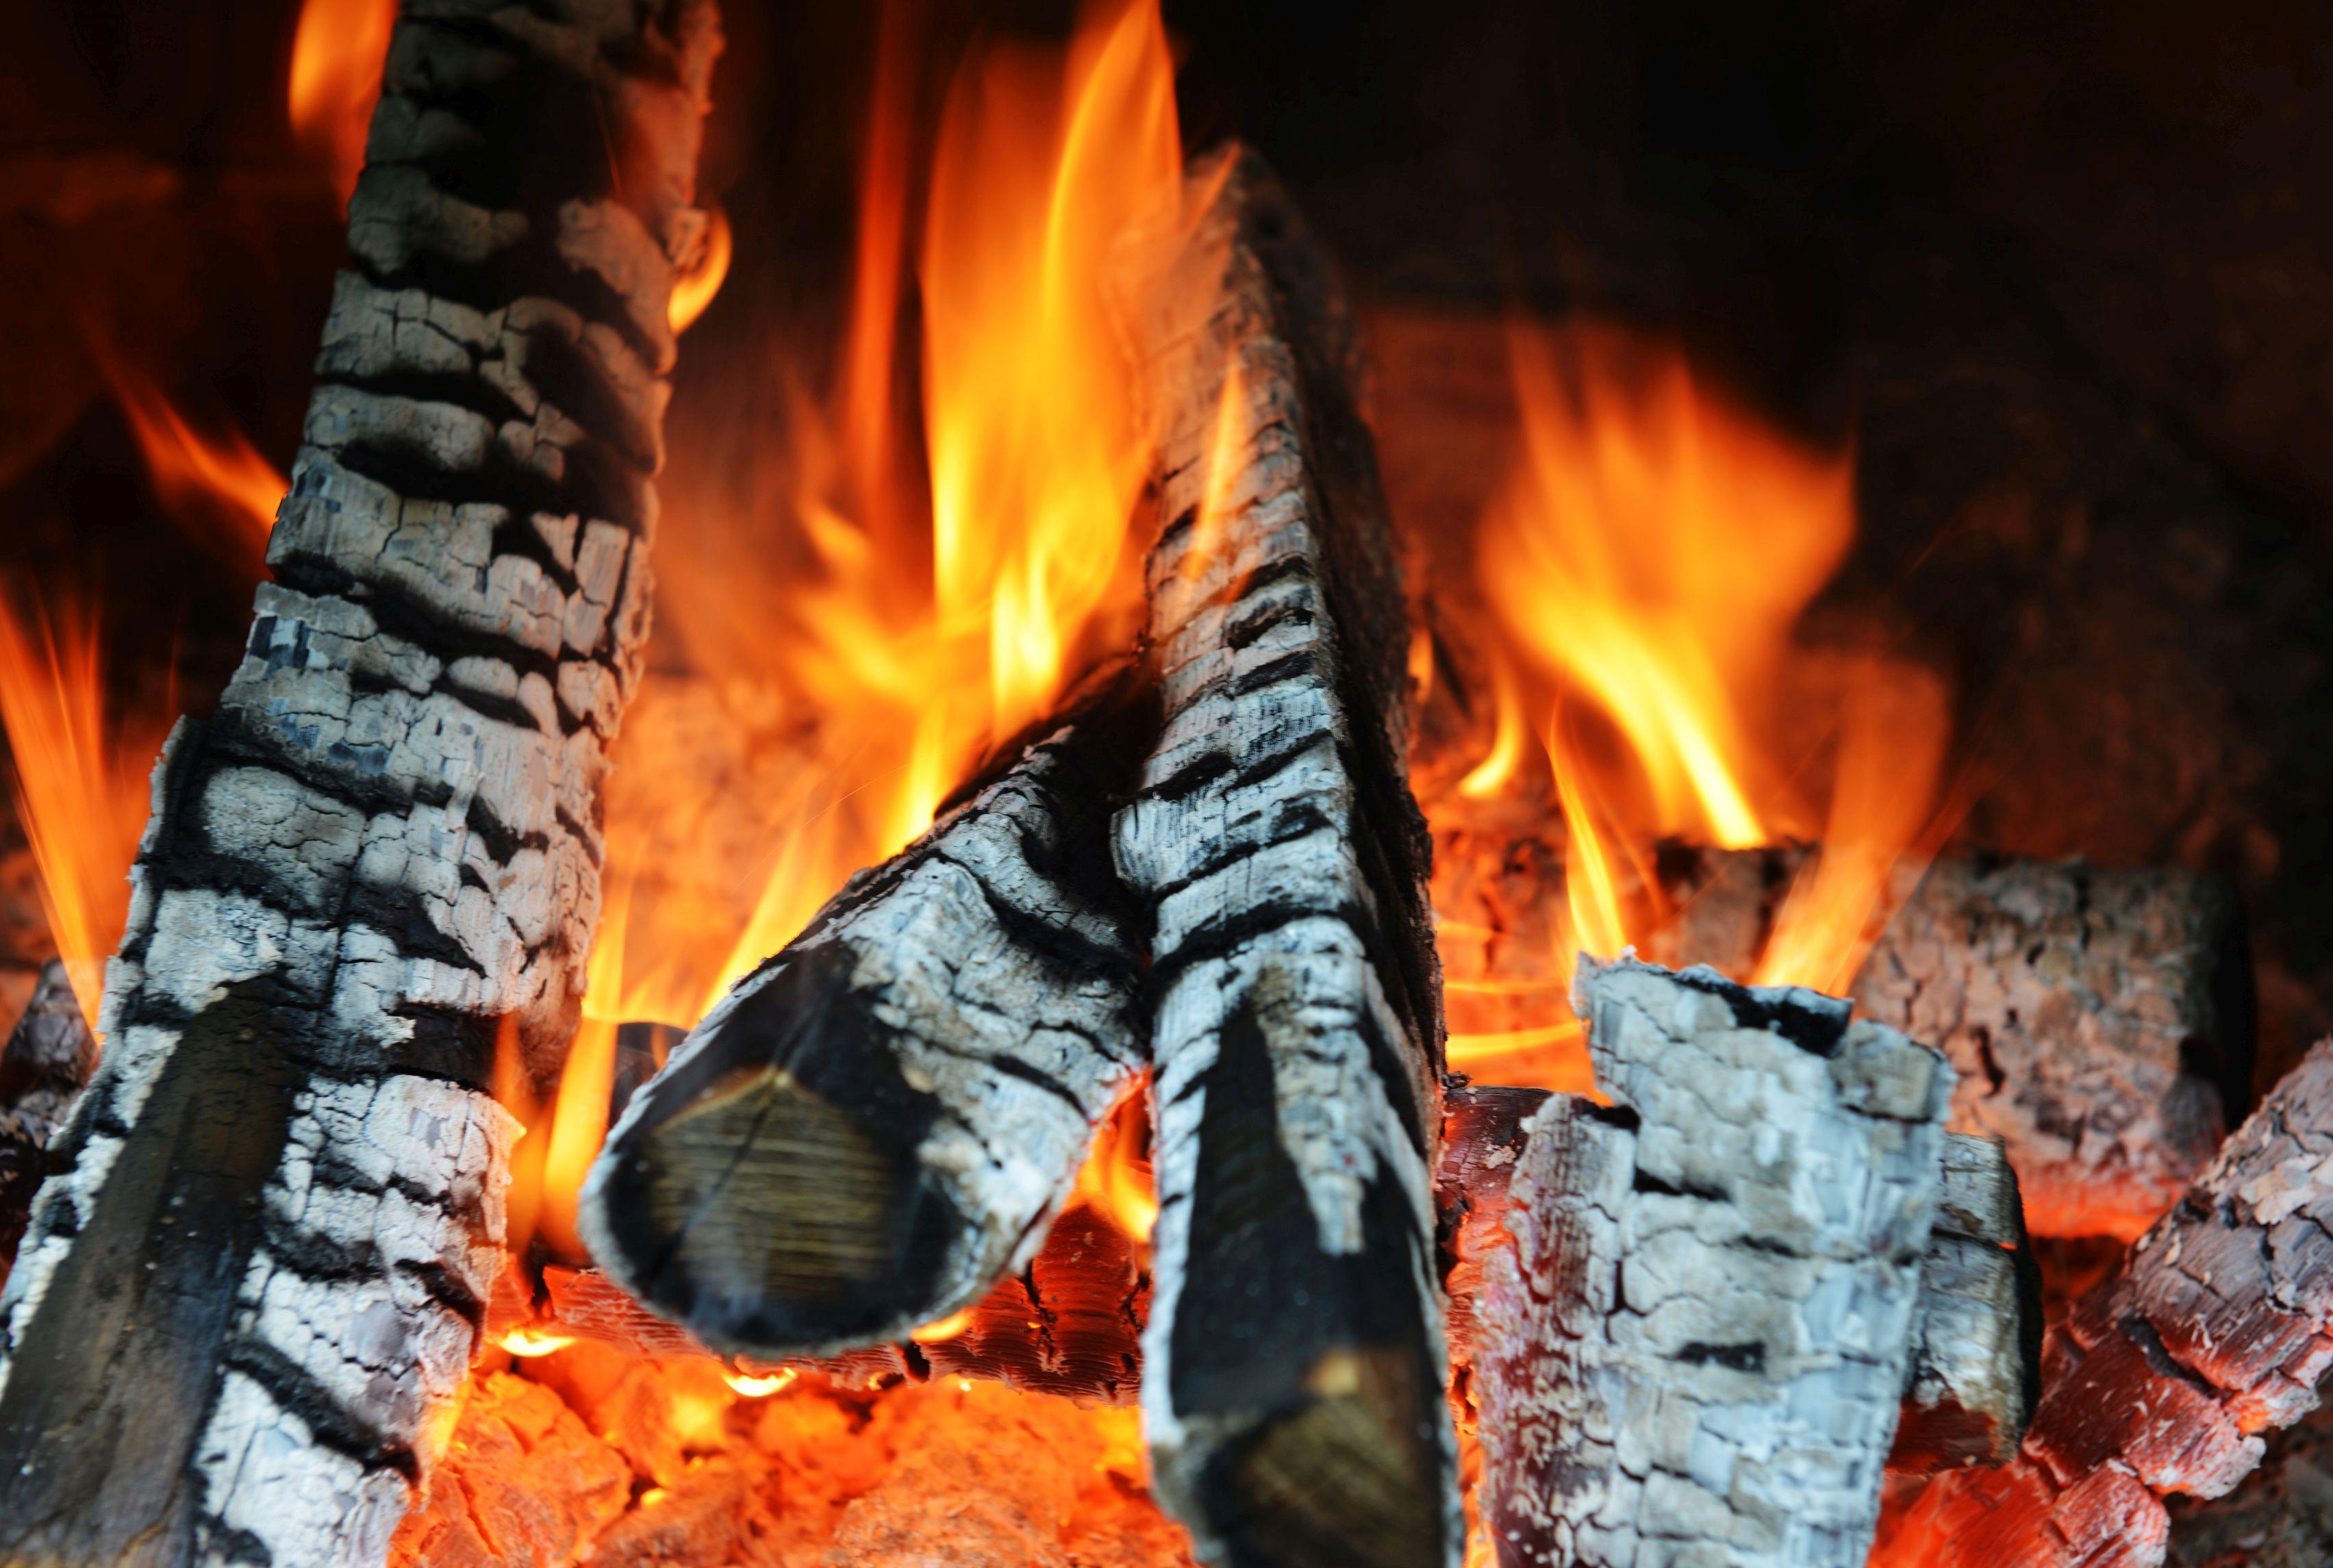 Burmistrz za całkowitym zakazem palenia węglem i drewnem